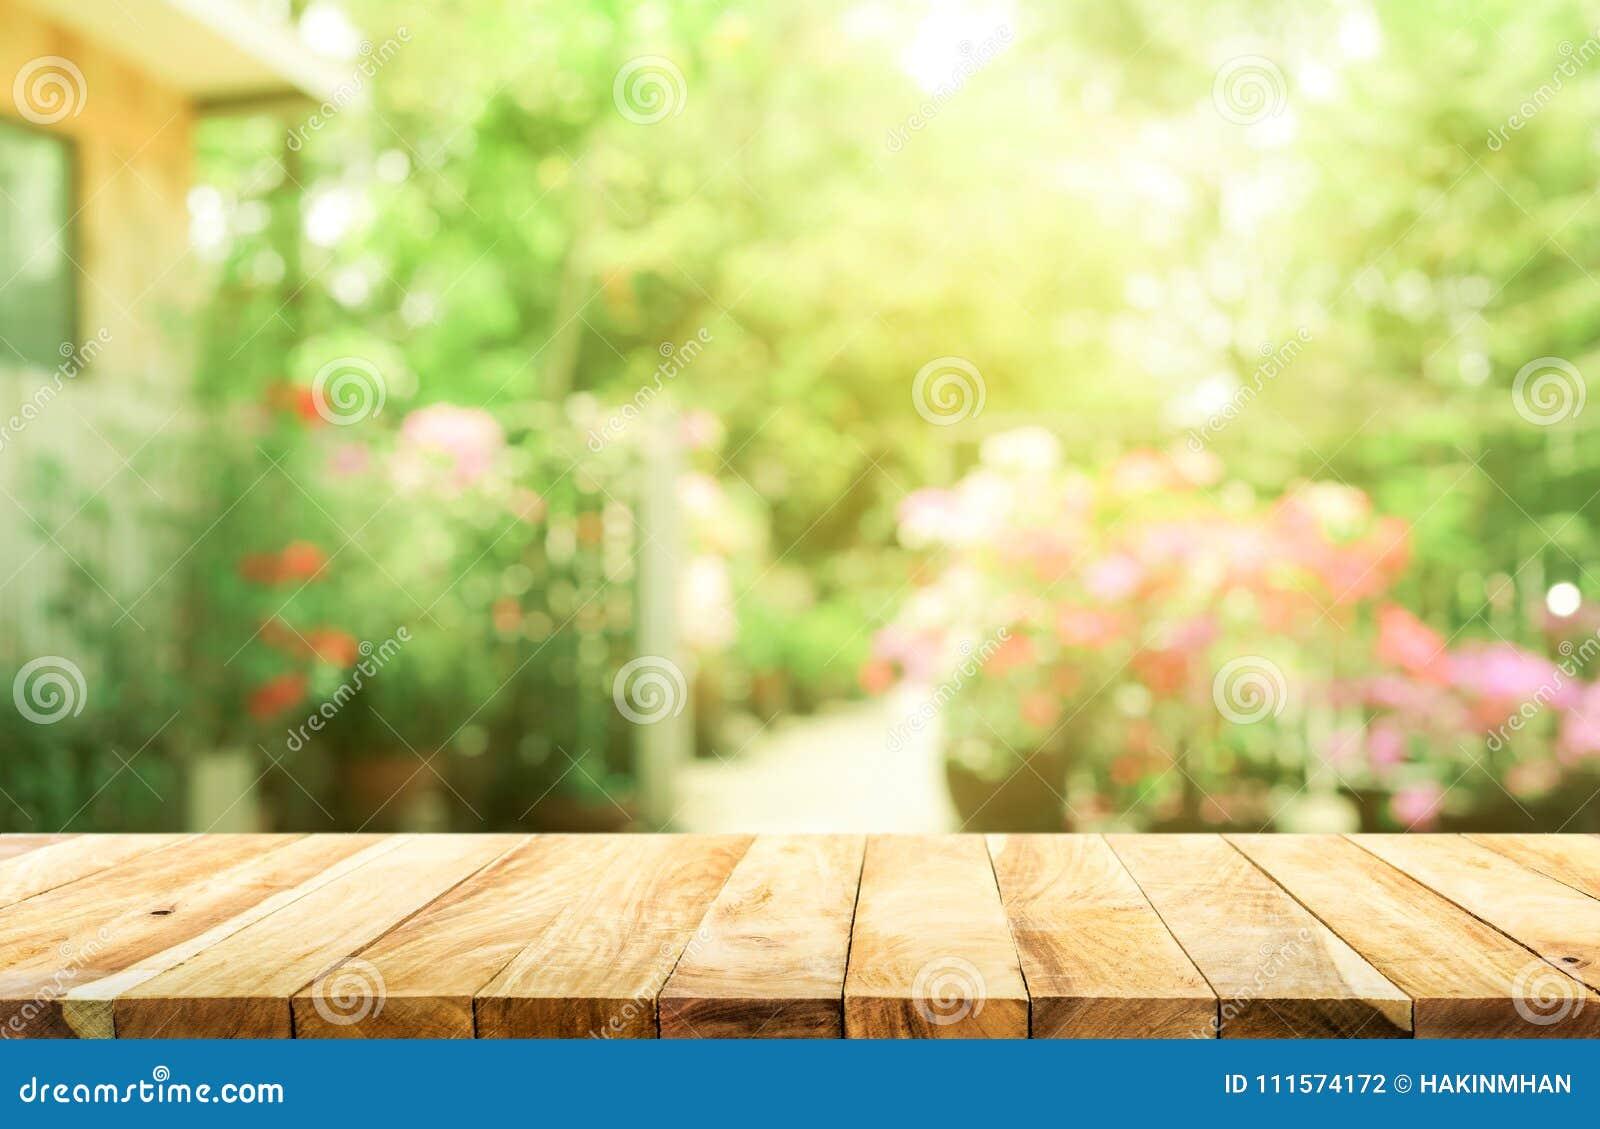 Leere hölzerne Tischplatte auf Unschärfezusammenfassungsgrün vom Garten